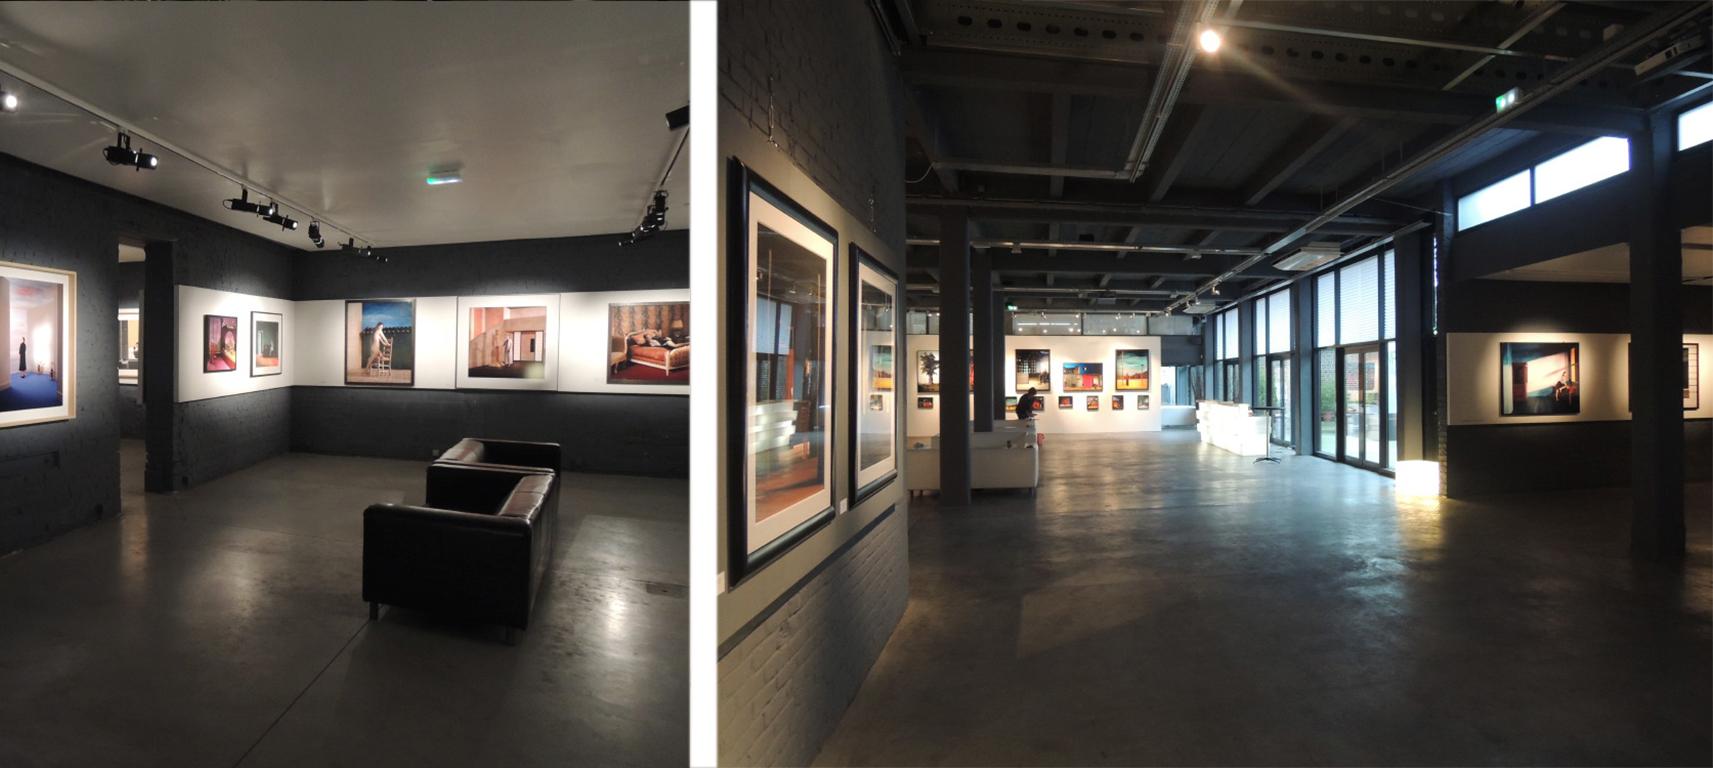 Maison de la Photo, Lille 2015